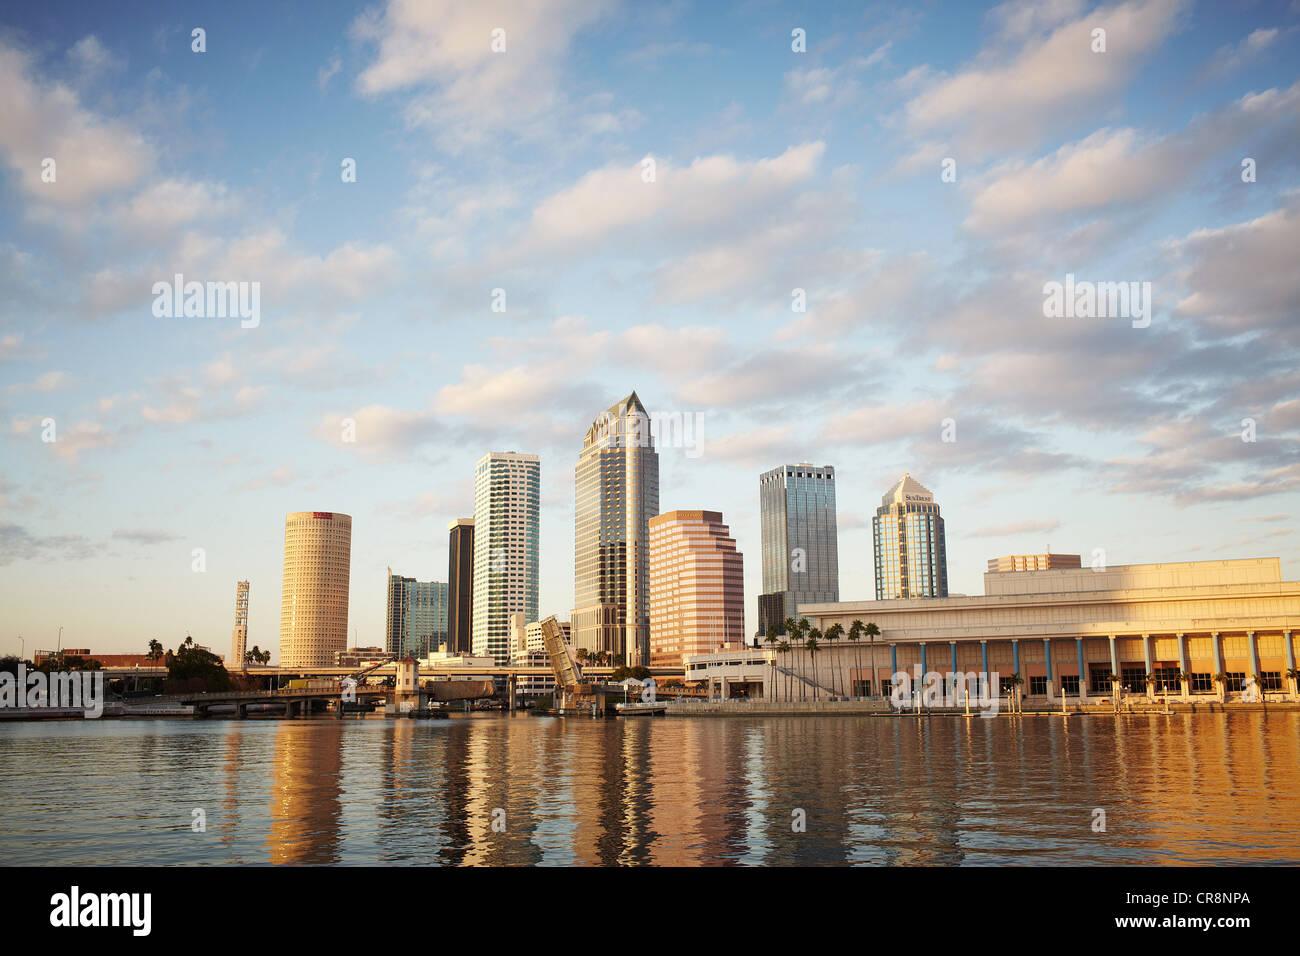 Skyline, Tampa, Florida, EE.UU. Imagen De Stock